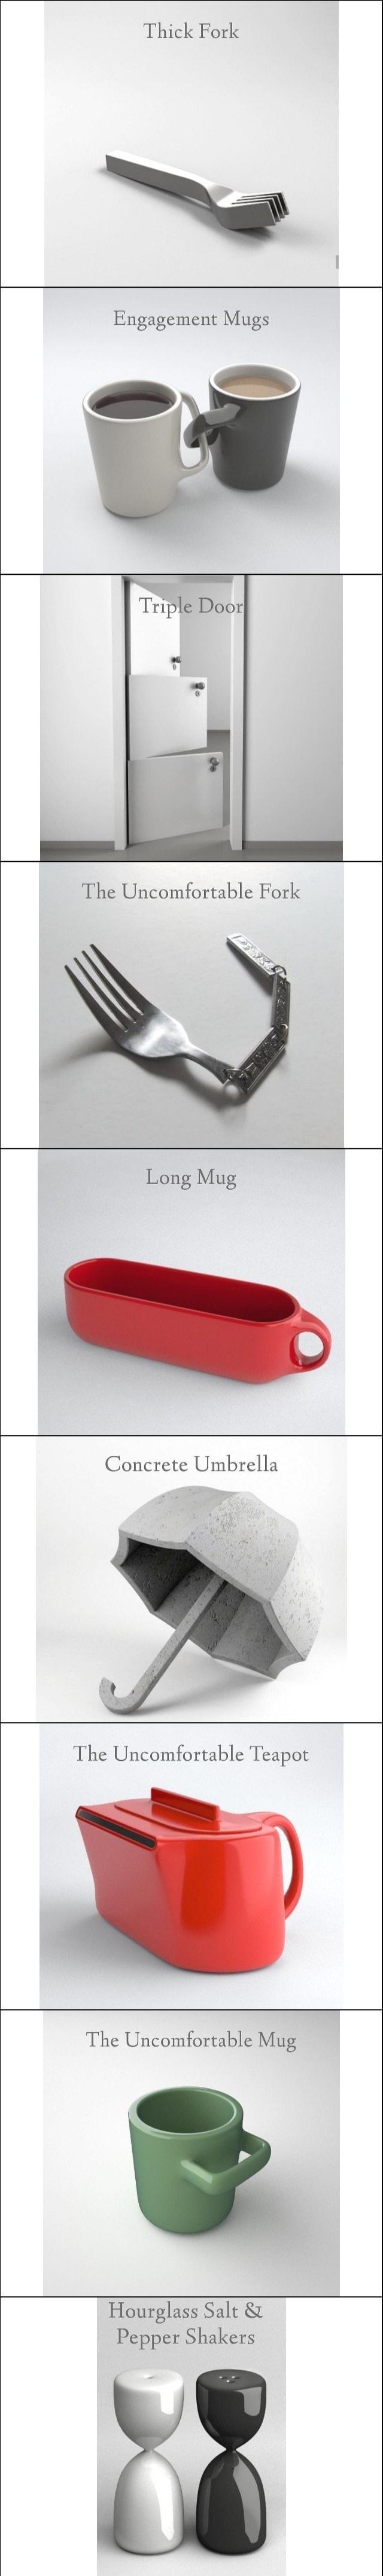 Unpraktische Gegenstände oder Kunst.jpg